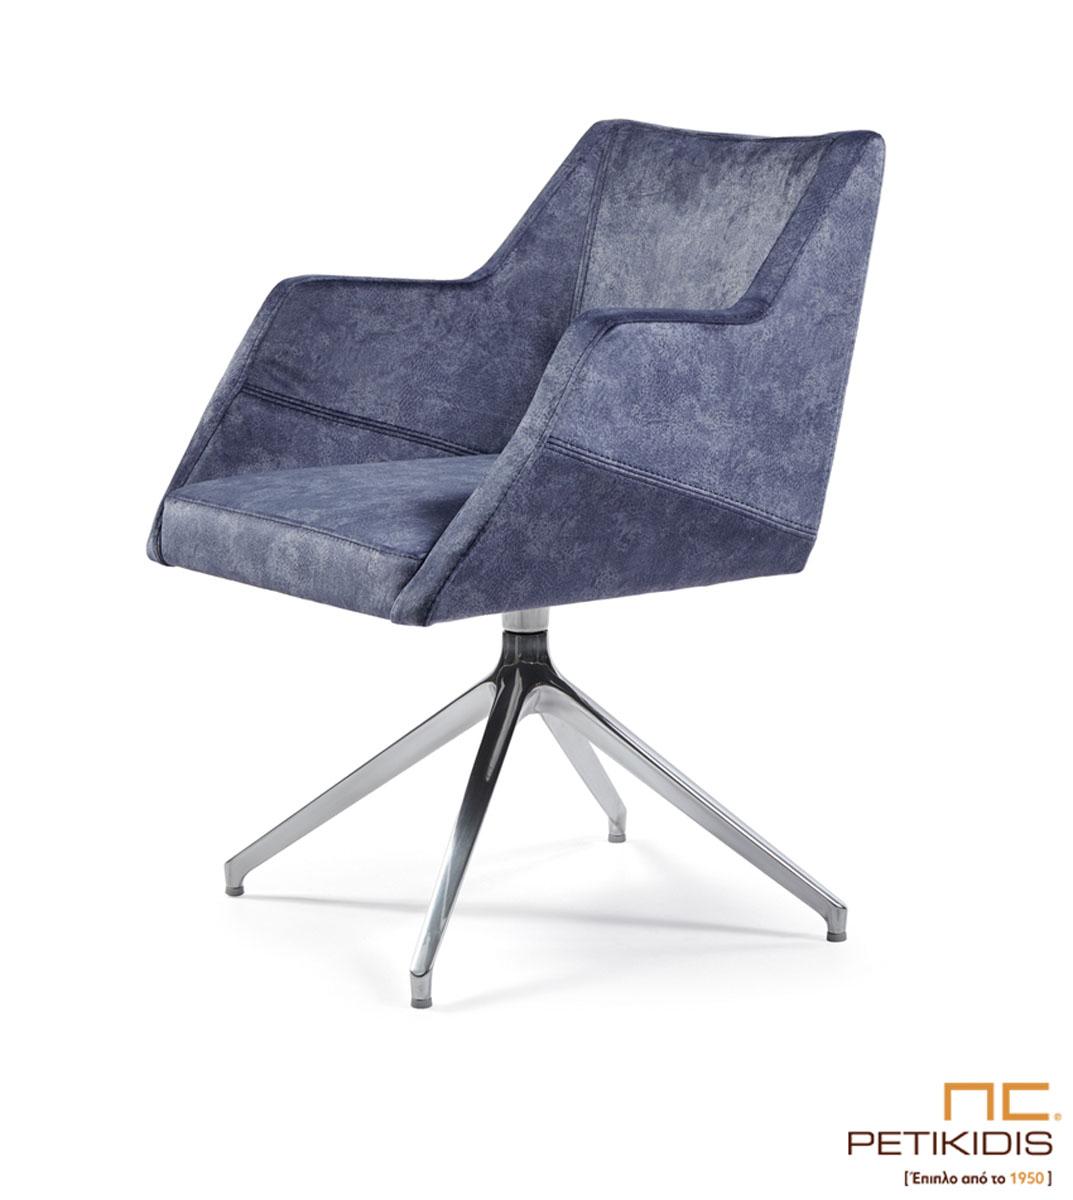 Καρεκλοπολυθρόνα Νο243-29 με μεταλλική βάση . Μπορούν άνετα να χρησιμοποιηθούν και ως καρέκλες συνομιλητού σε εργασιακό χώρο. Ιδιαίτερη άνεση και σχεδιασμός. Το ύφασμα είναι σε γκρι μπλε τόνους αλέκιαστο και αδιάβροχο.